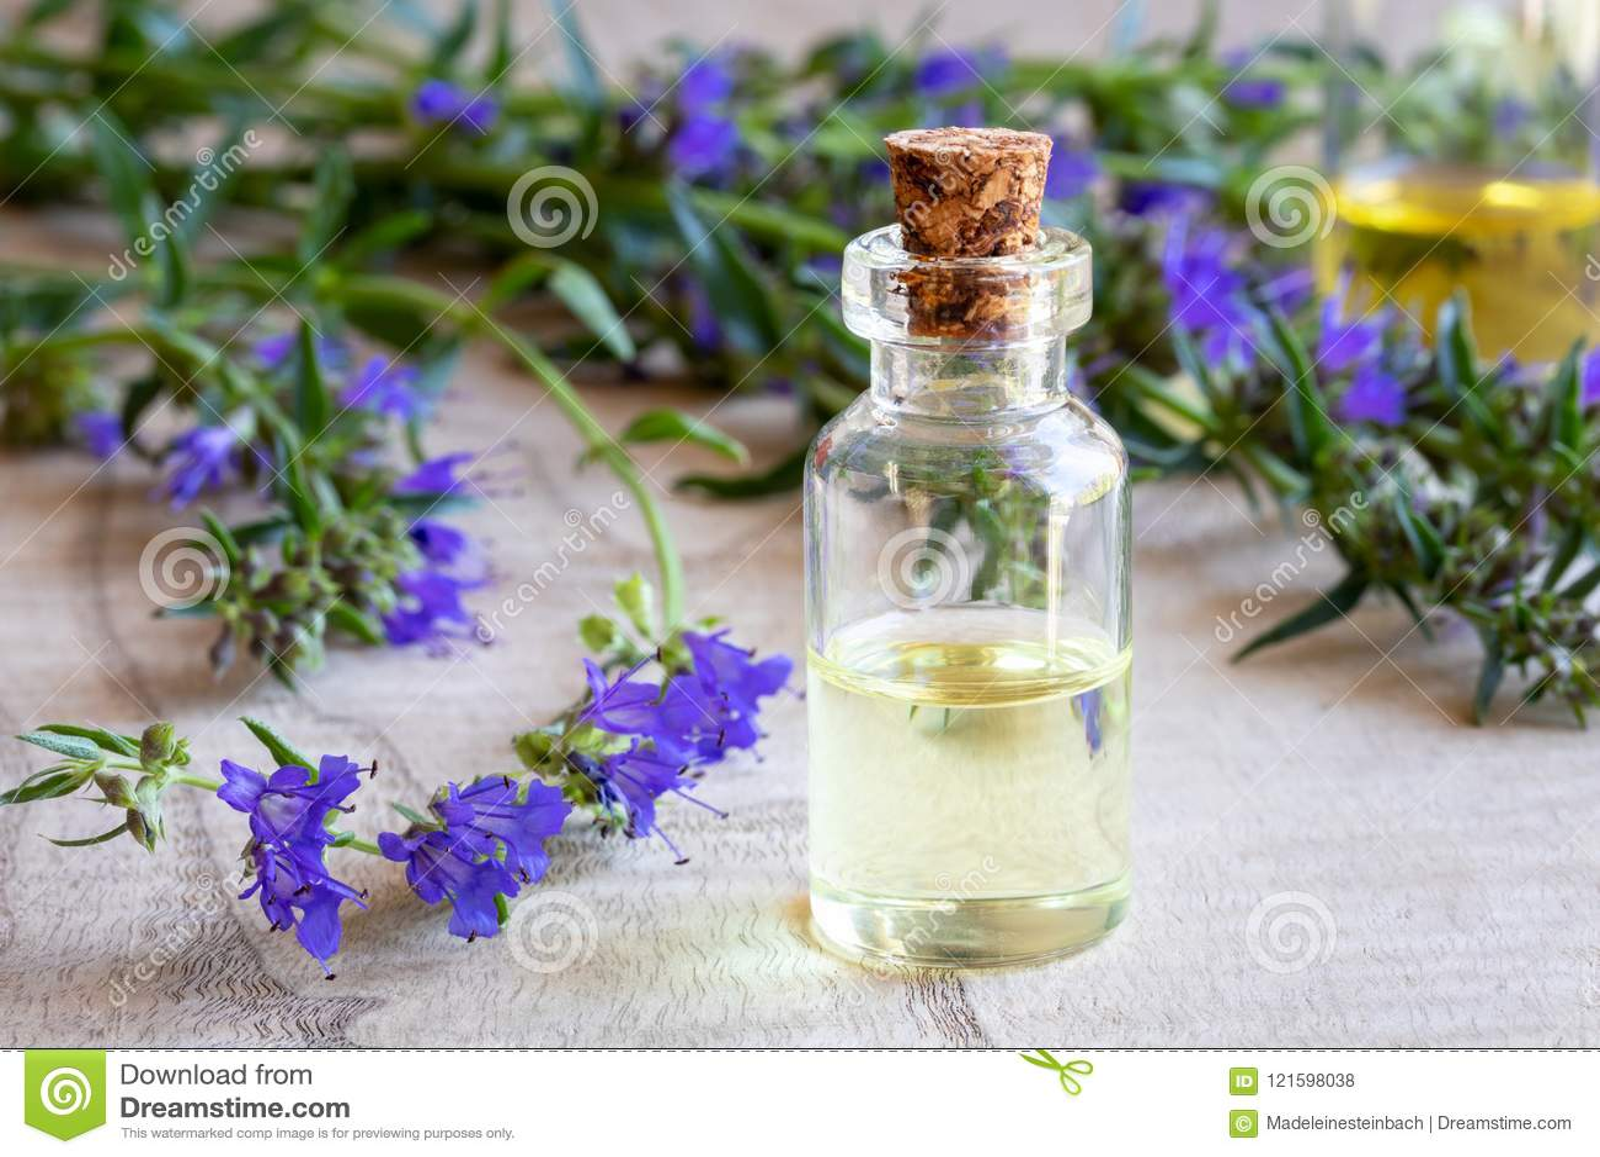 Een fles hyssopetherische olie met het verse bloeien hyssop